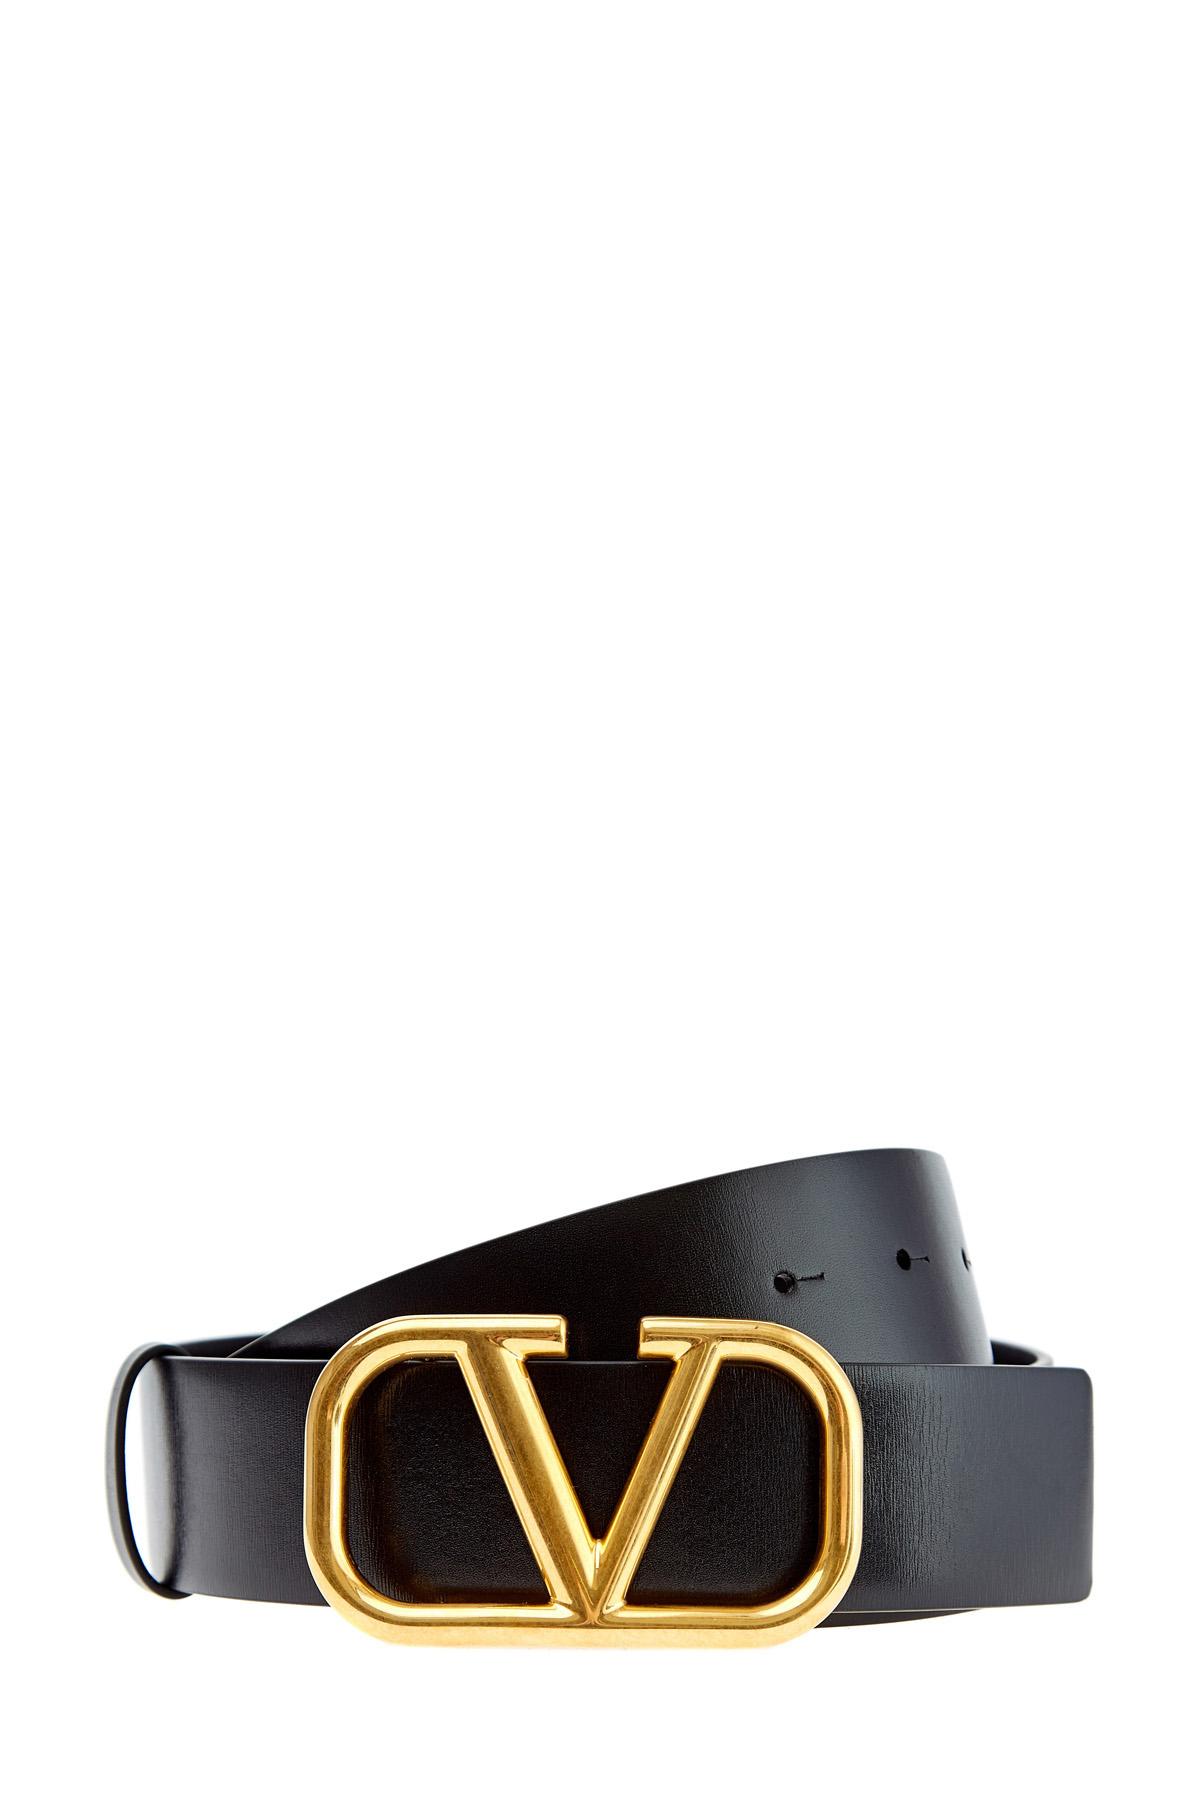 Купить со скидкой Ремень с литым логотипом VLOGO из матовой кожи